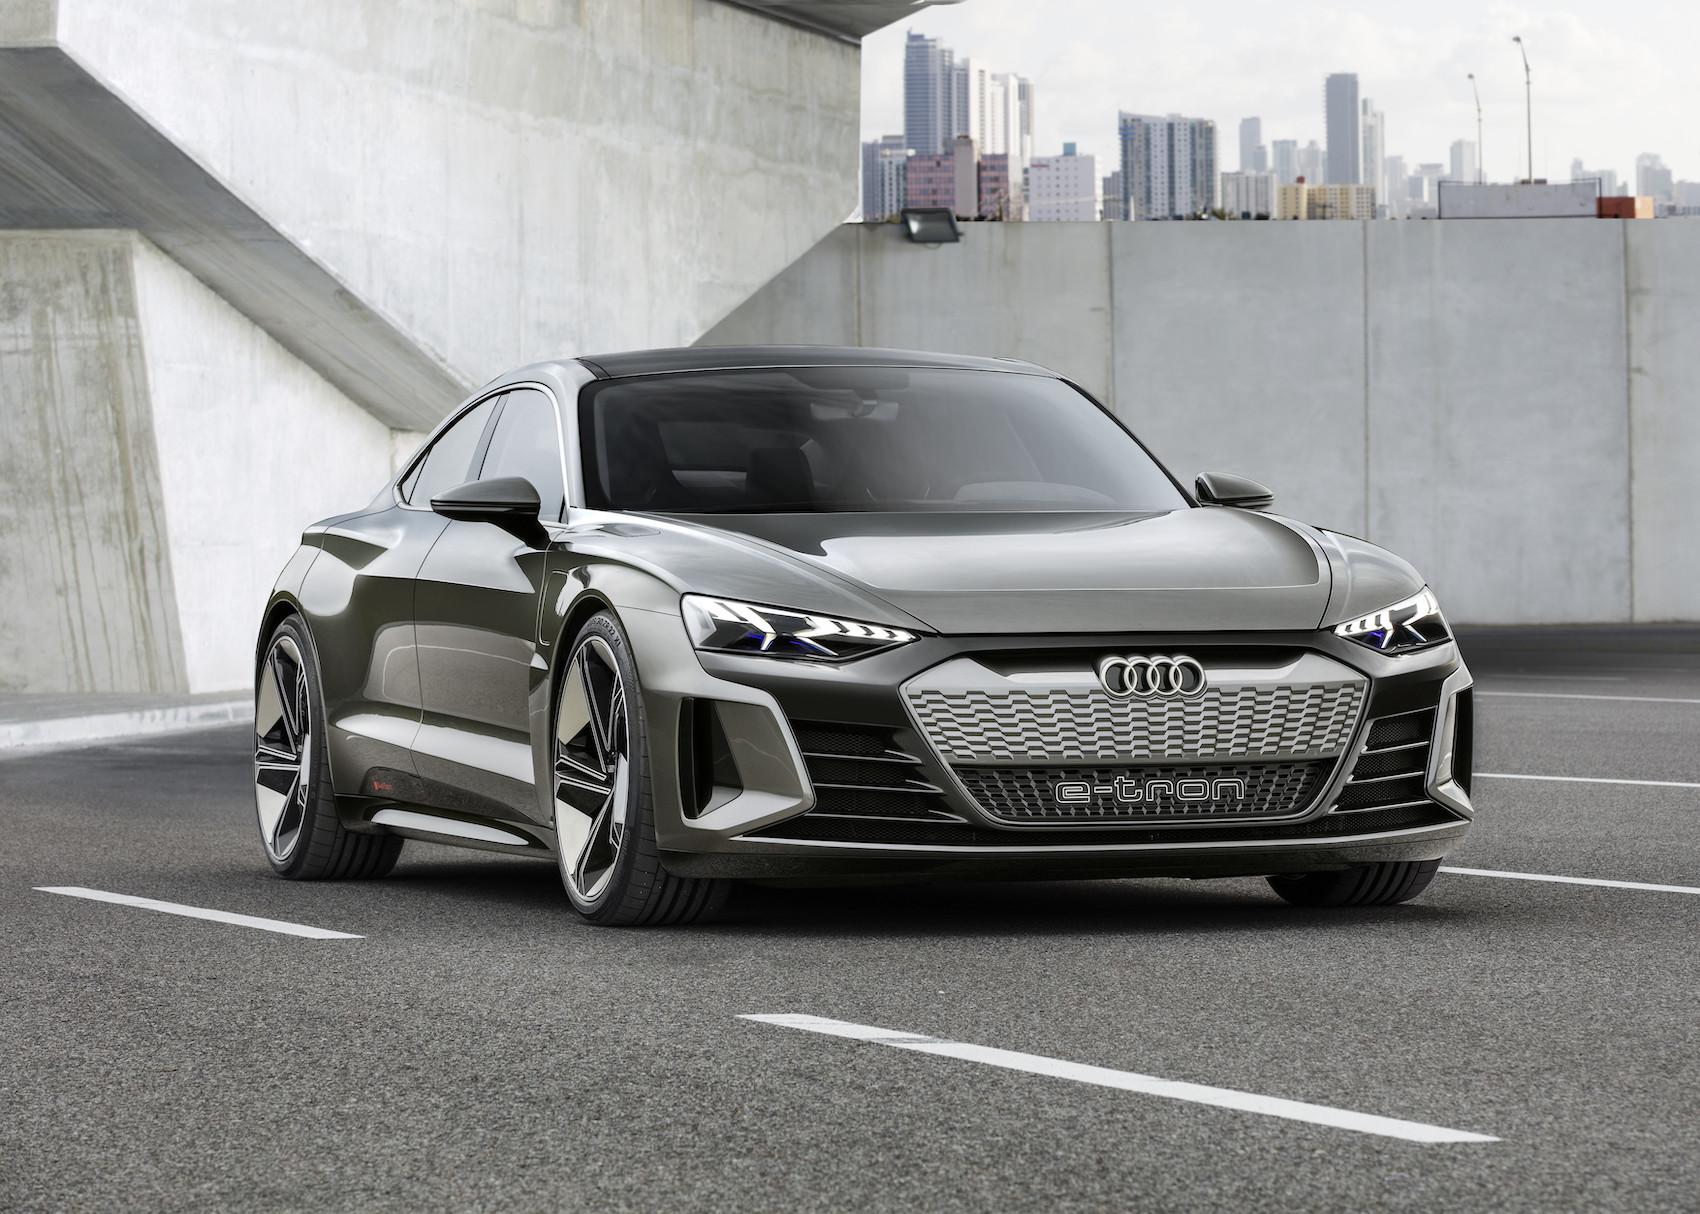 L'Audi e-tron GT concept a propulsione elettrica riprende il tipico motivo a nido d'ape della calandra presente sui modelli Audi RS. (AUDI)